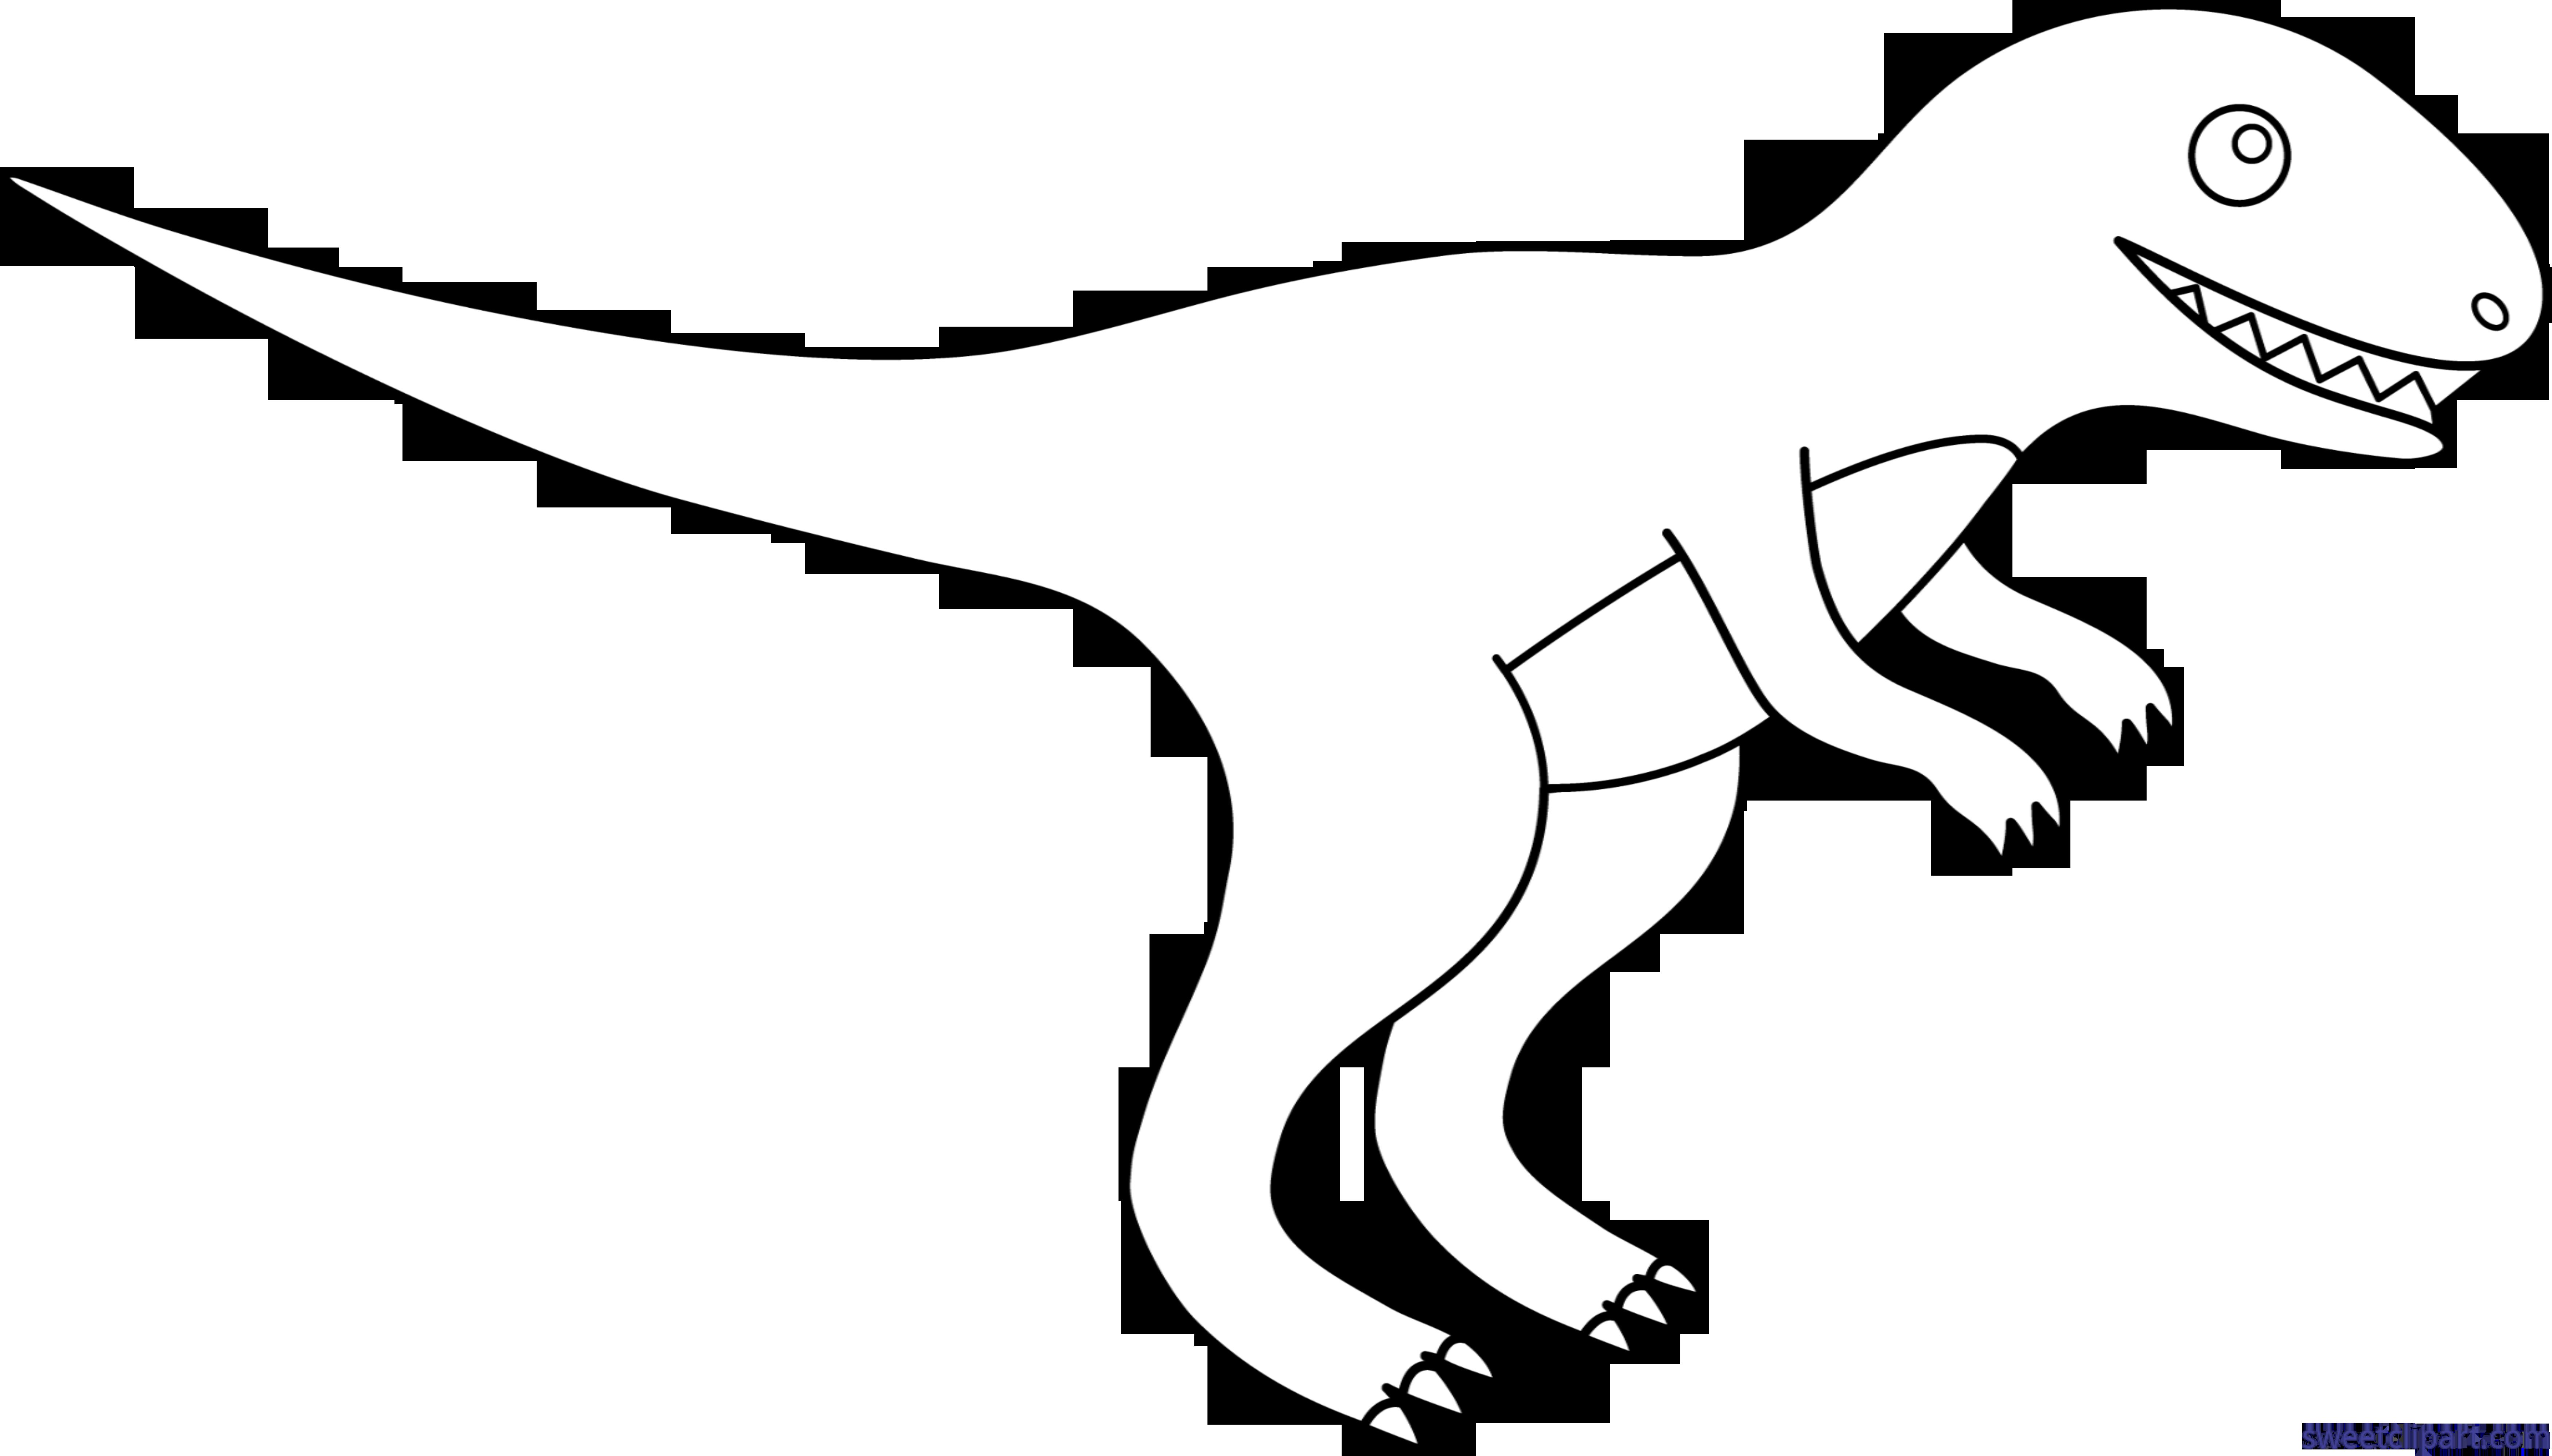 Dinosaur lineart clip art. Trex clipart t rex